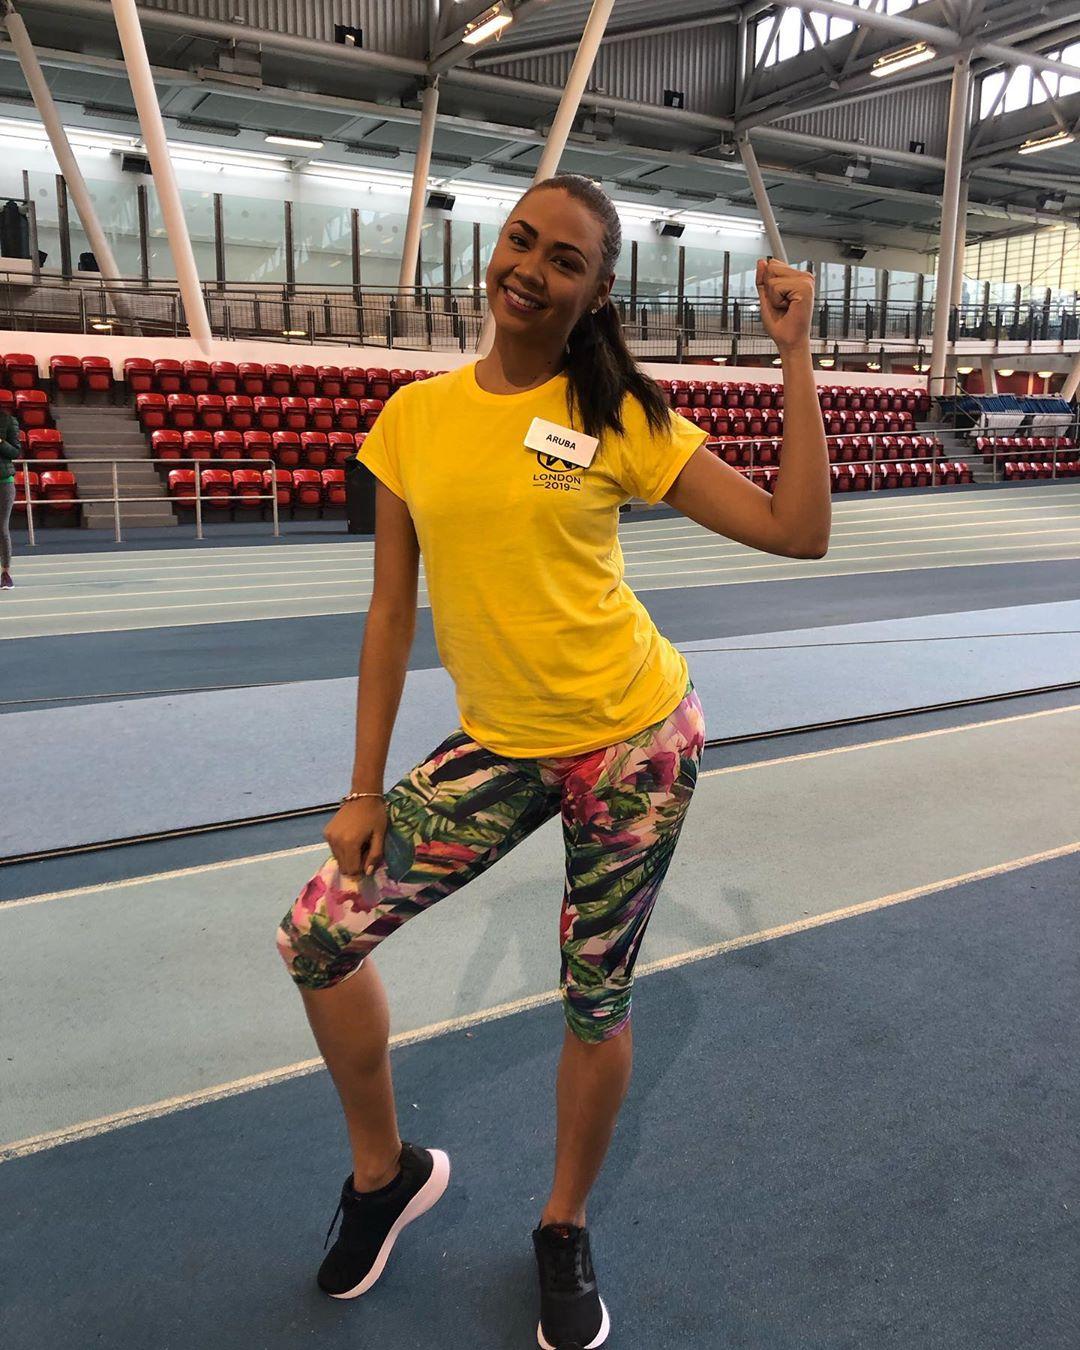 fast track miss sport de miss  world 2019. - Página 3 IuLjb4